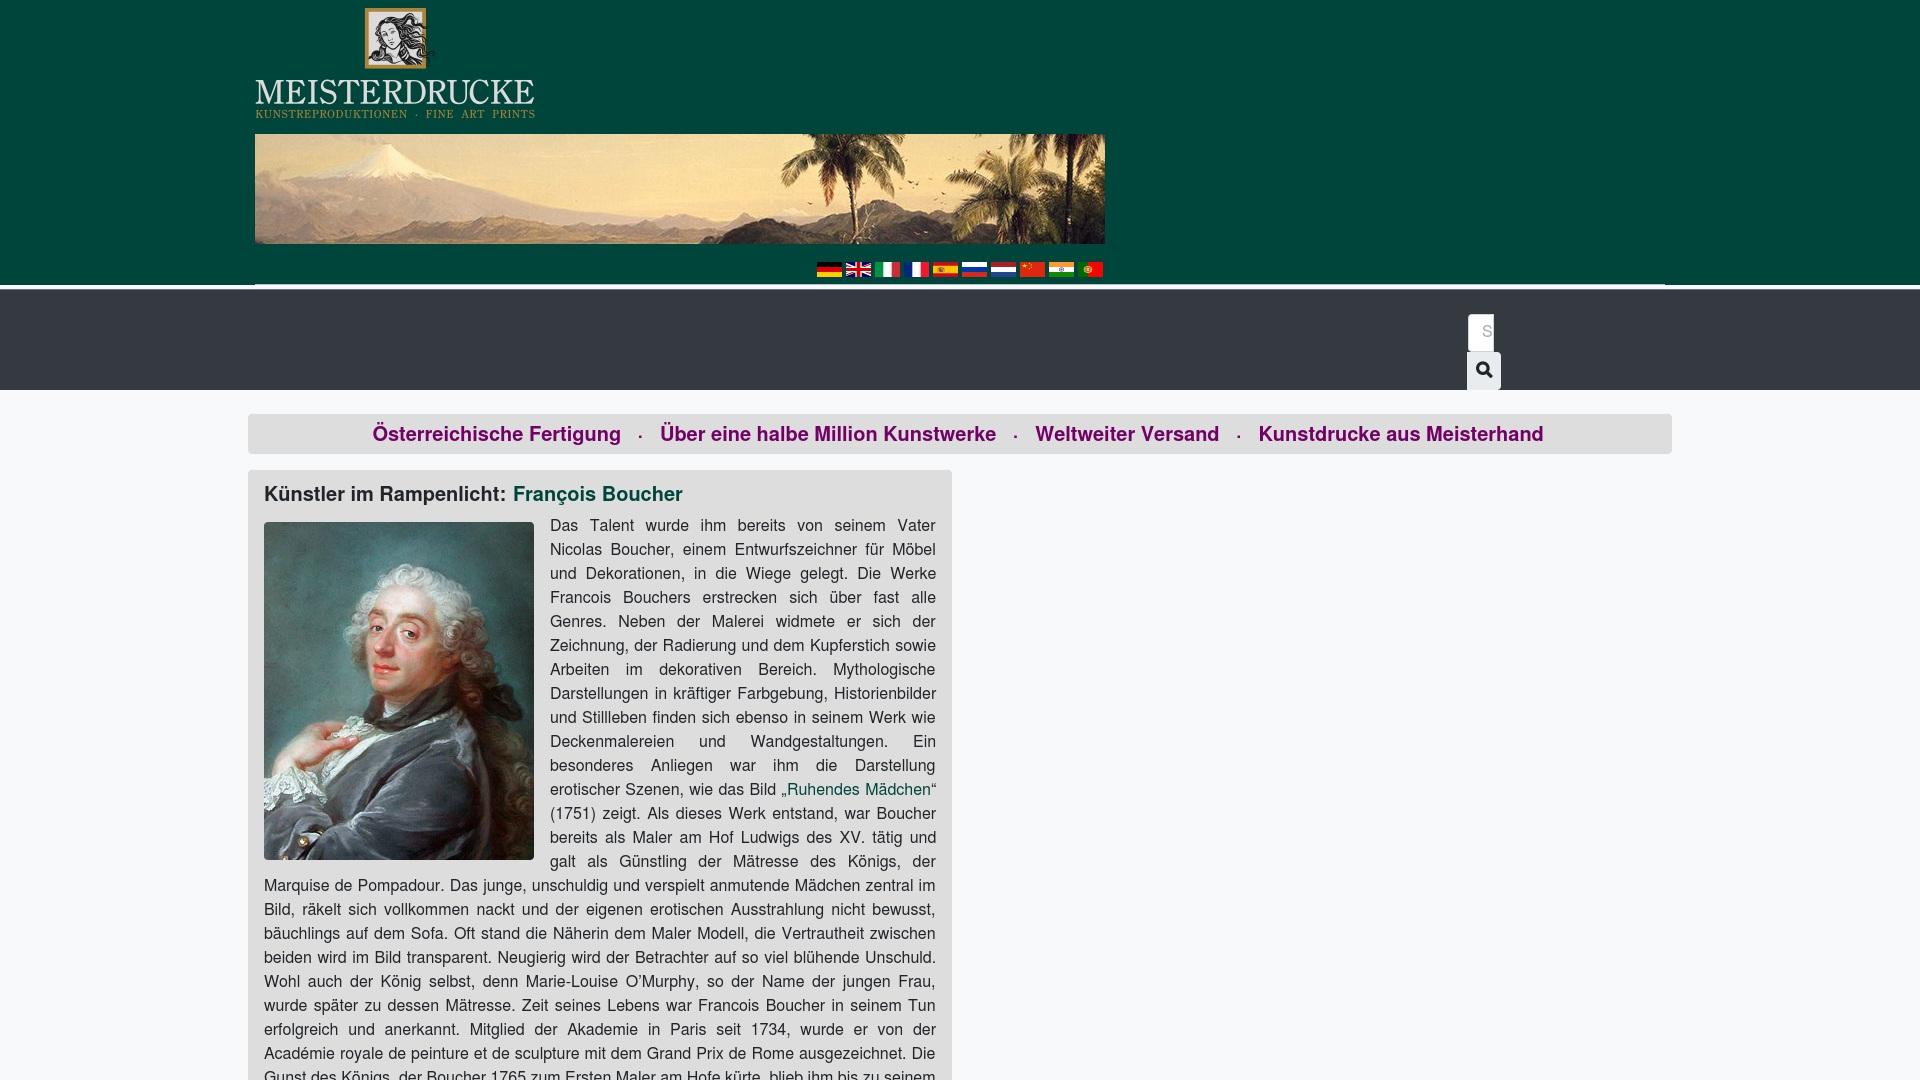 Gutschein für Meisterdrucke: Rabatte für  Meisterdrucke sichern